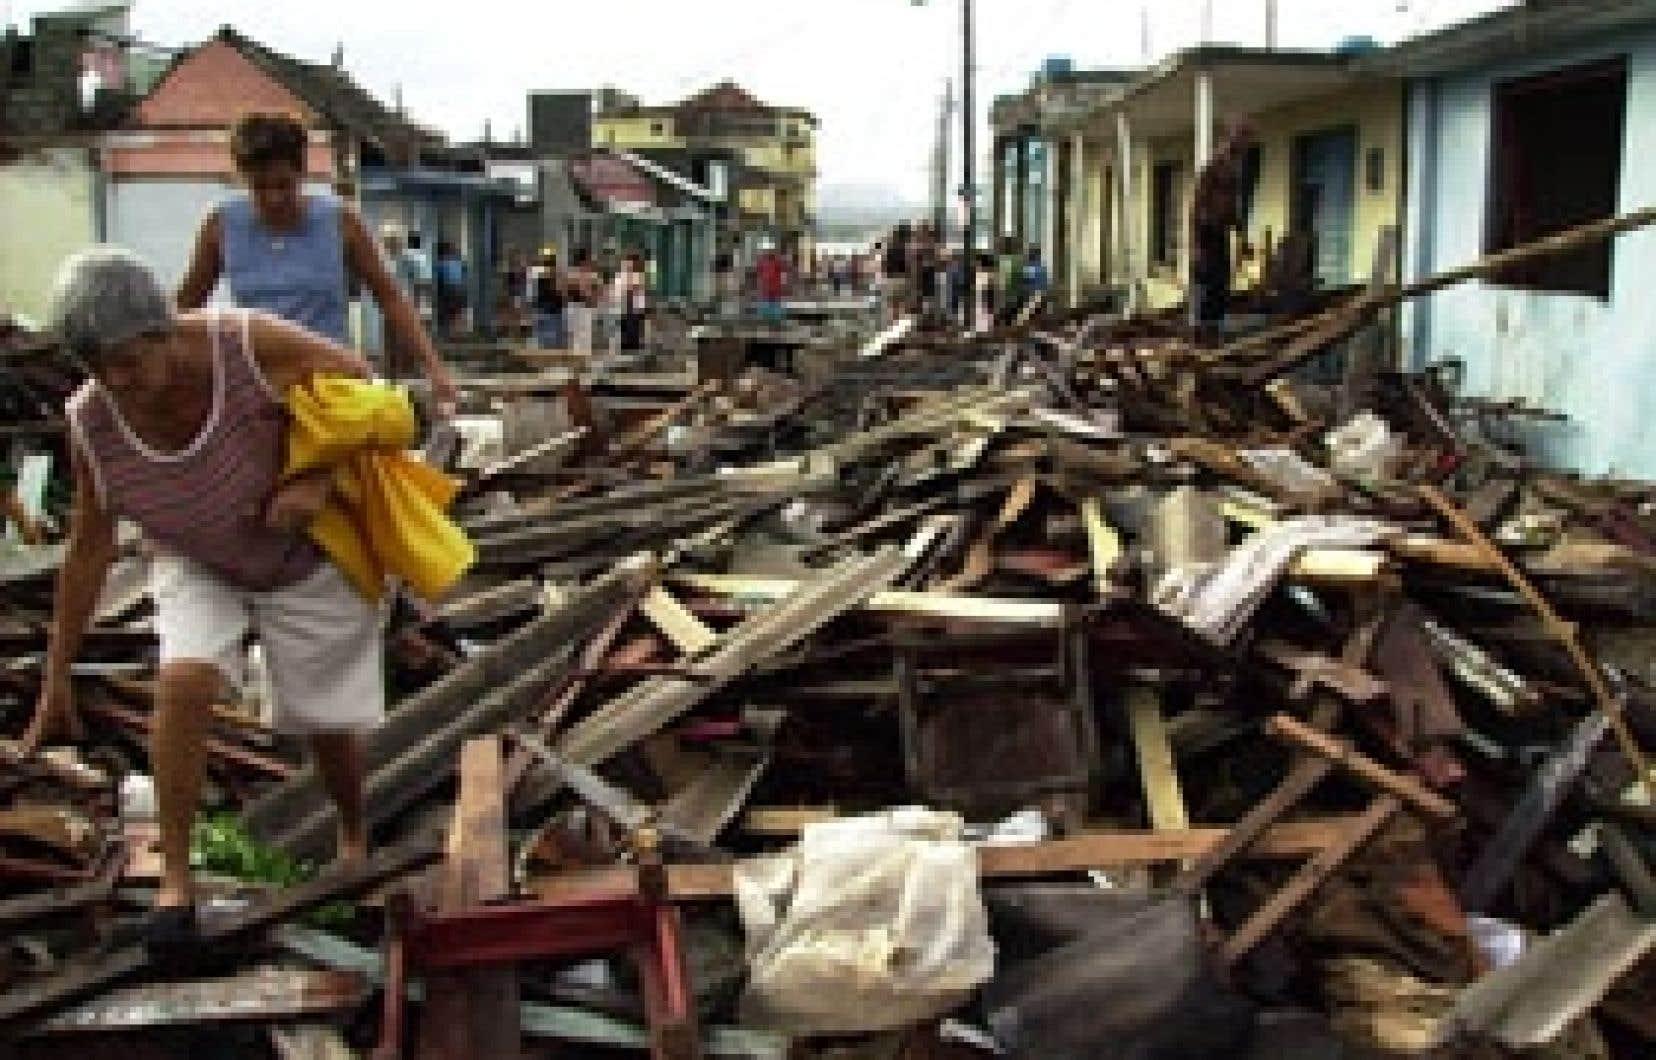 Des citoyens de Baracoa, à Cuba, tentent de se frayer un chemin à travers les débris qui jonchent le sol après le passage de l'ouragan Ike.